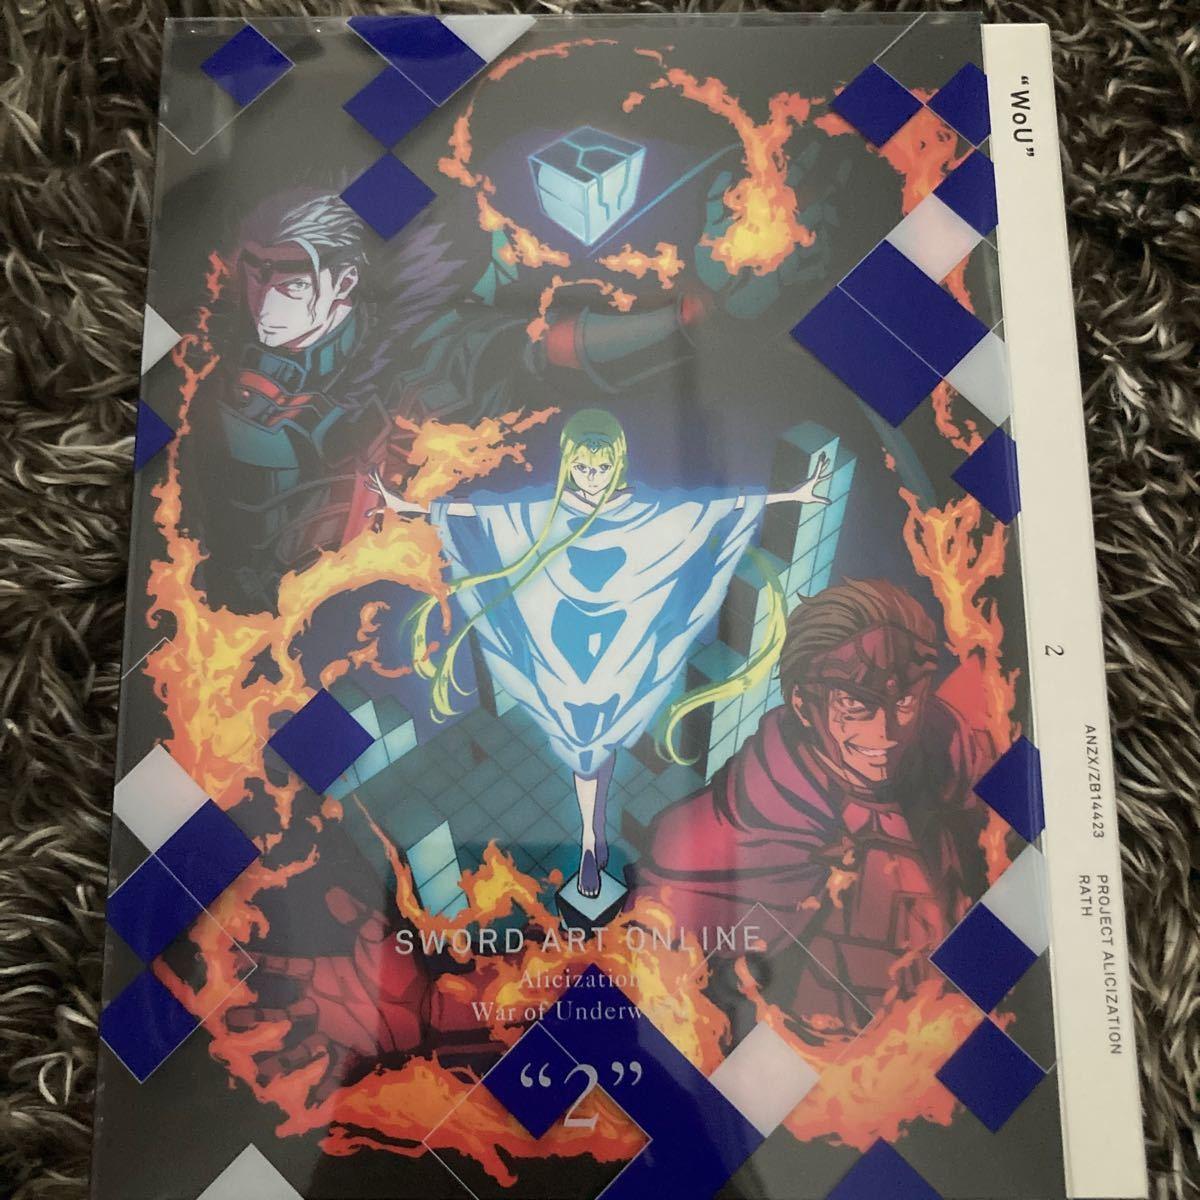 ソードアート・オンライン War of UnderWord  Blu-ray 第2巻